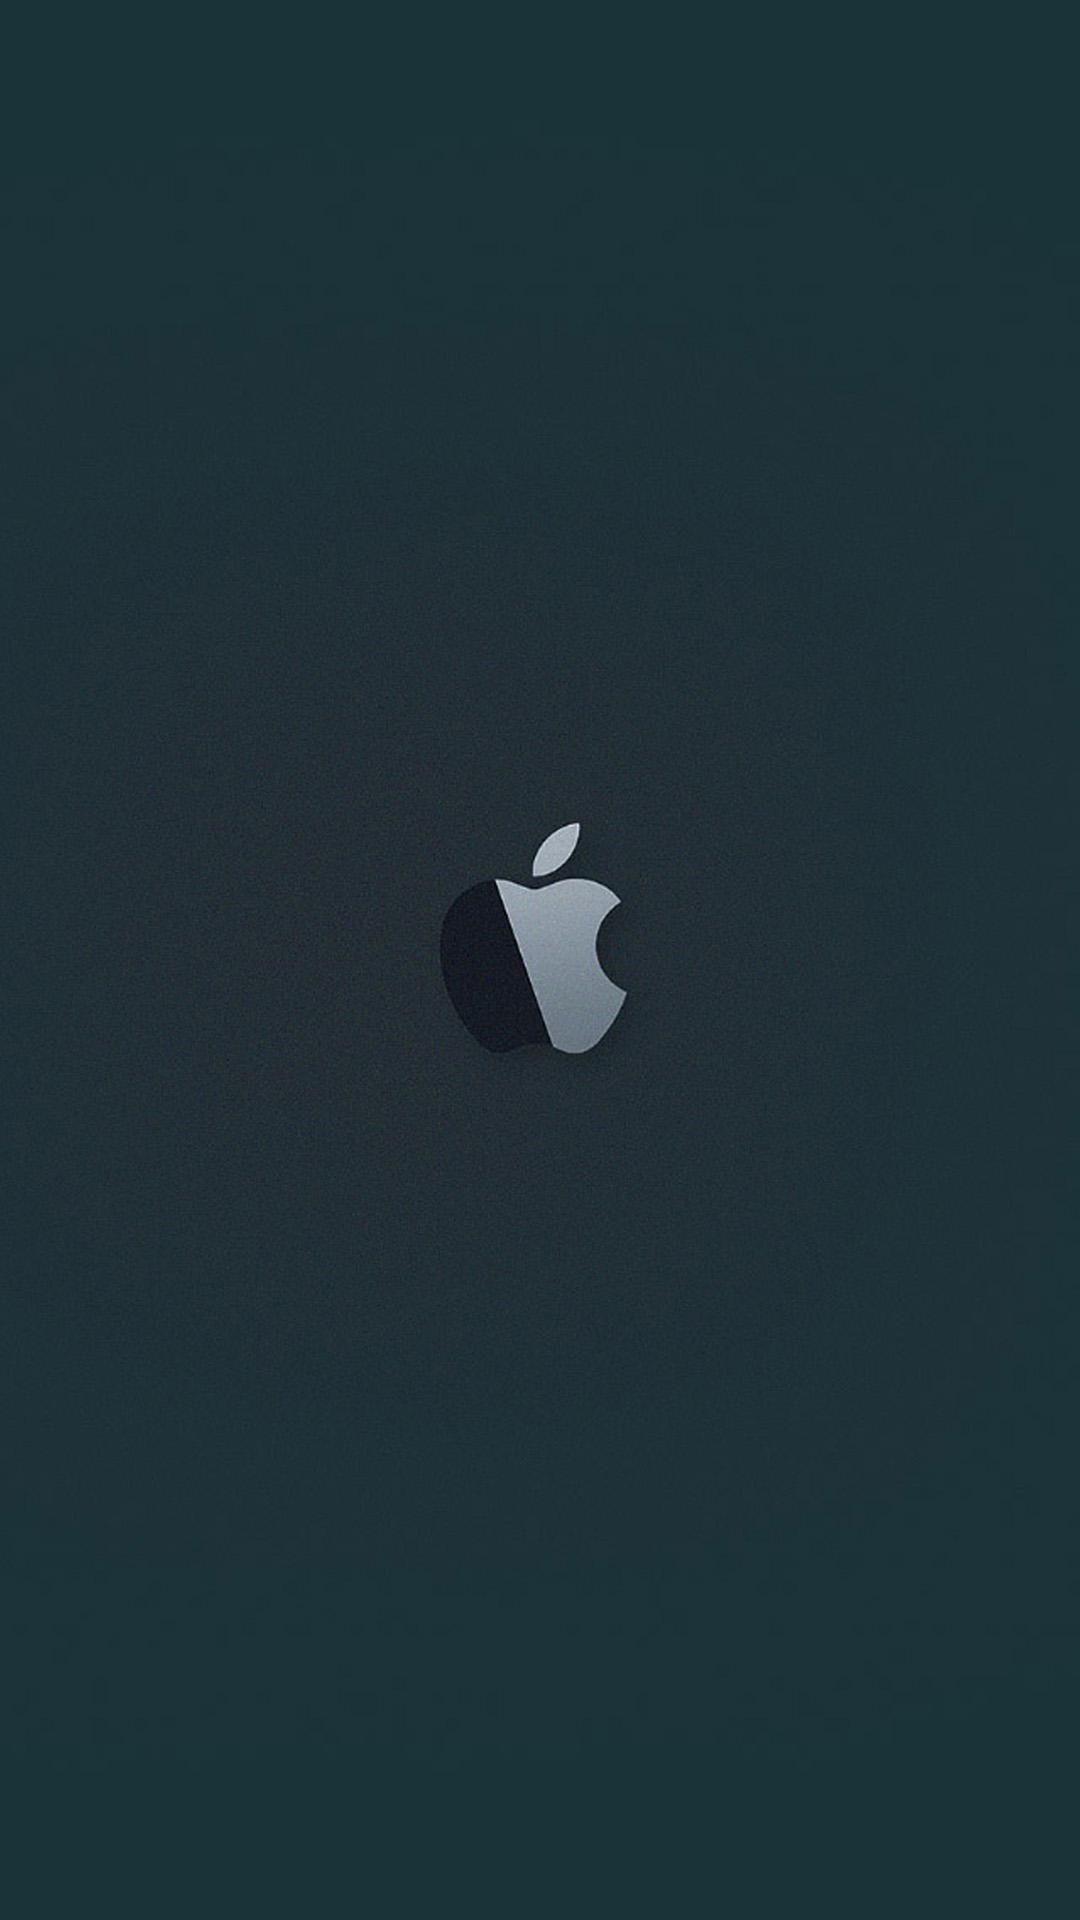 iPhone 6 Plus Wallpapers HD - WallpaperSafari